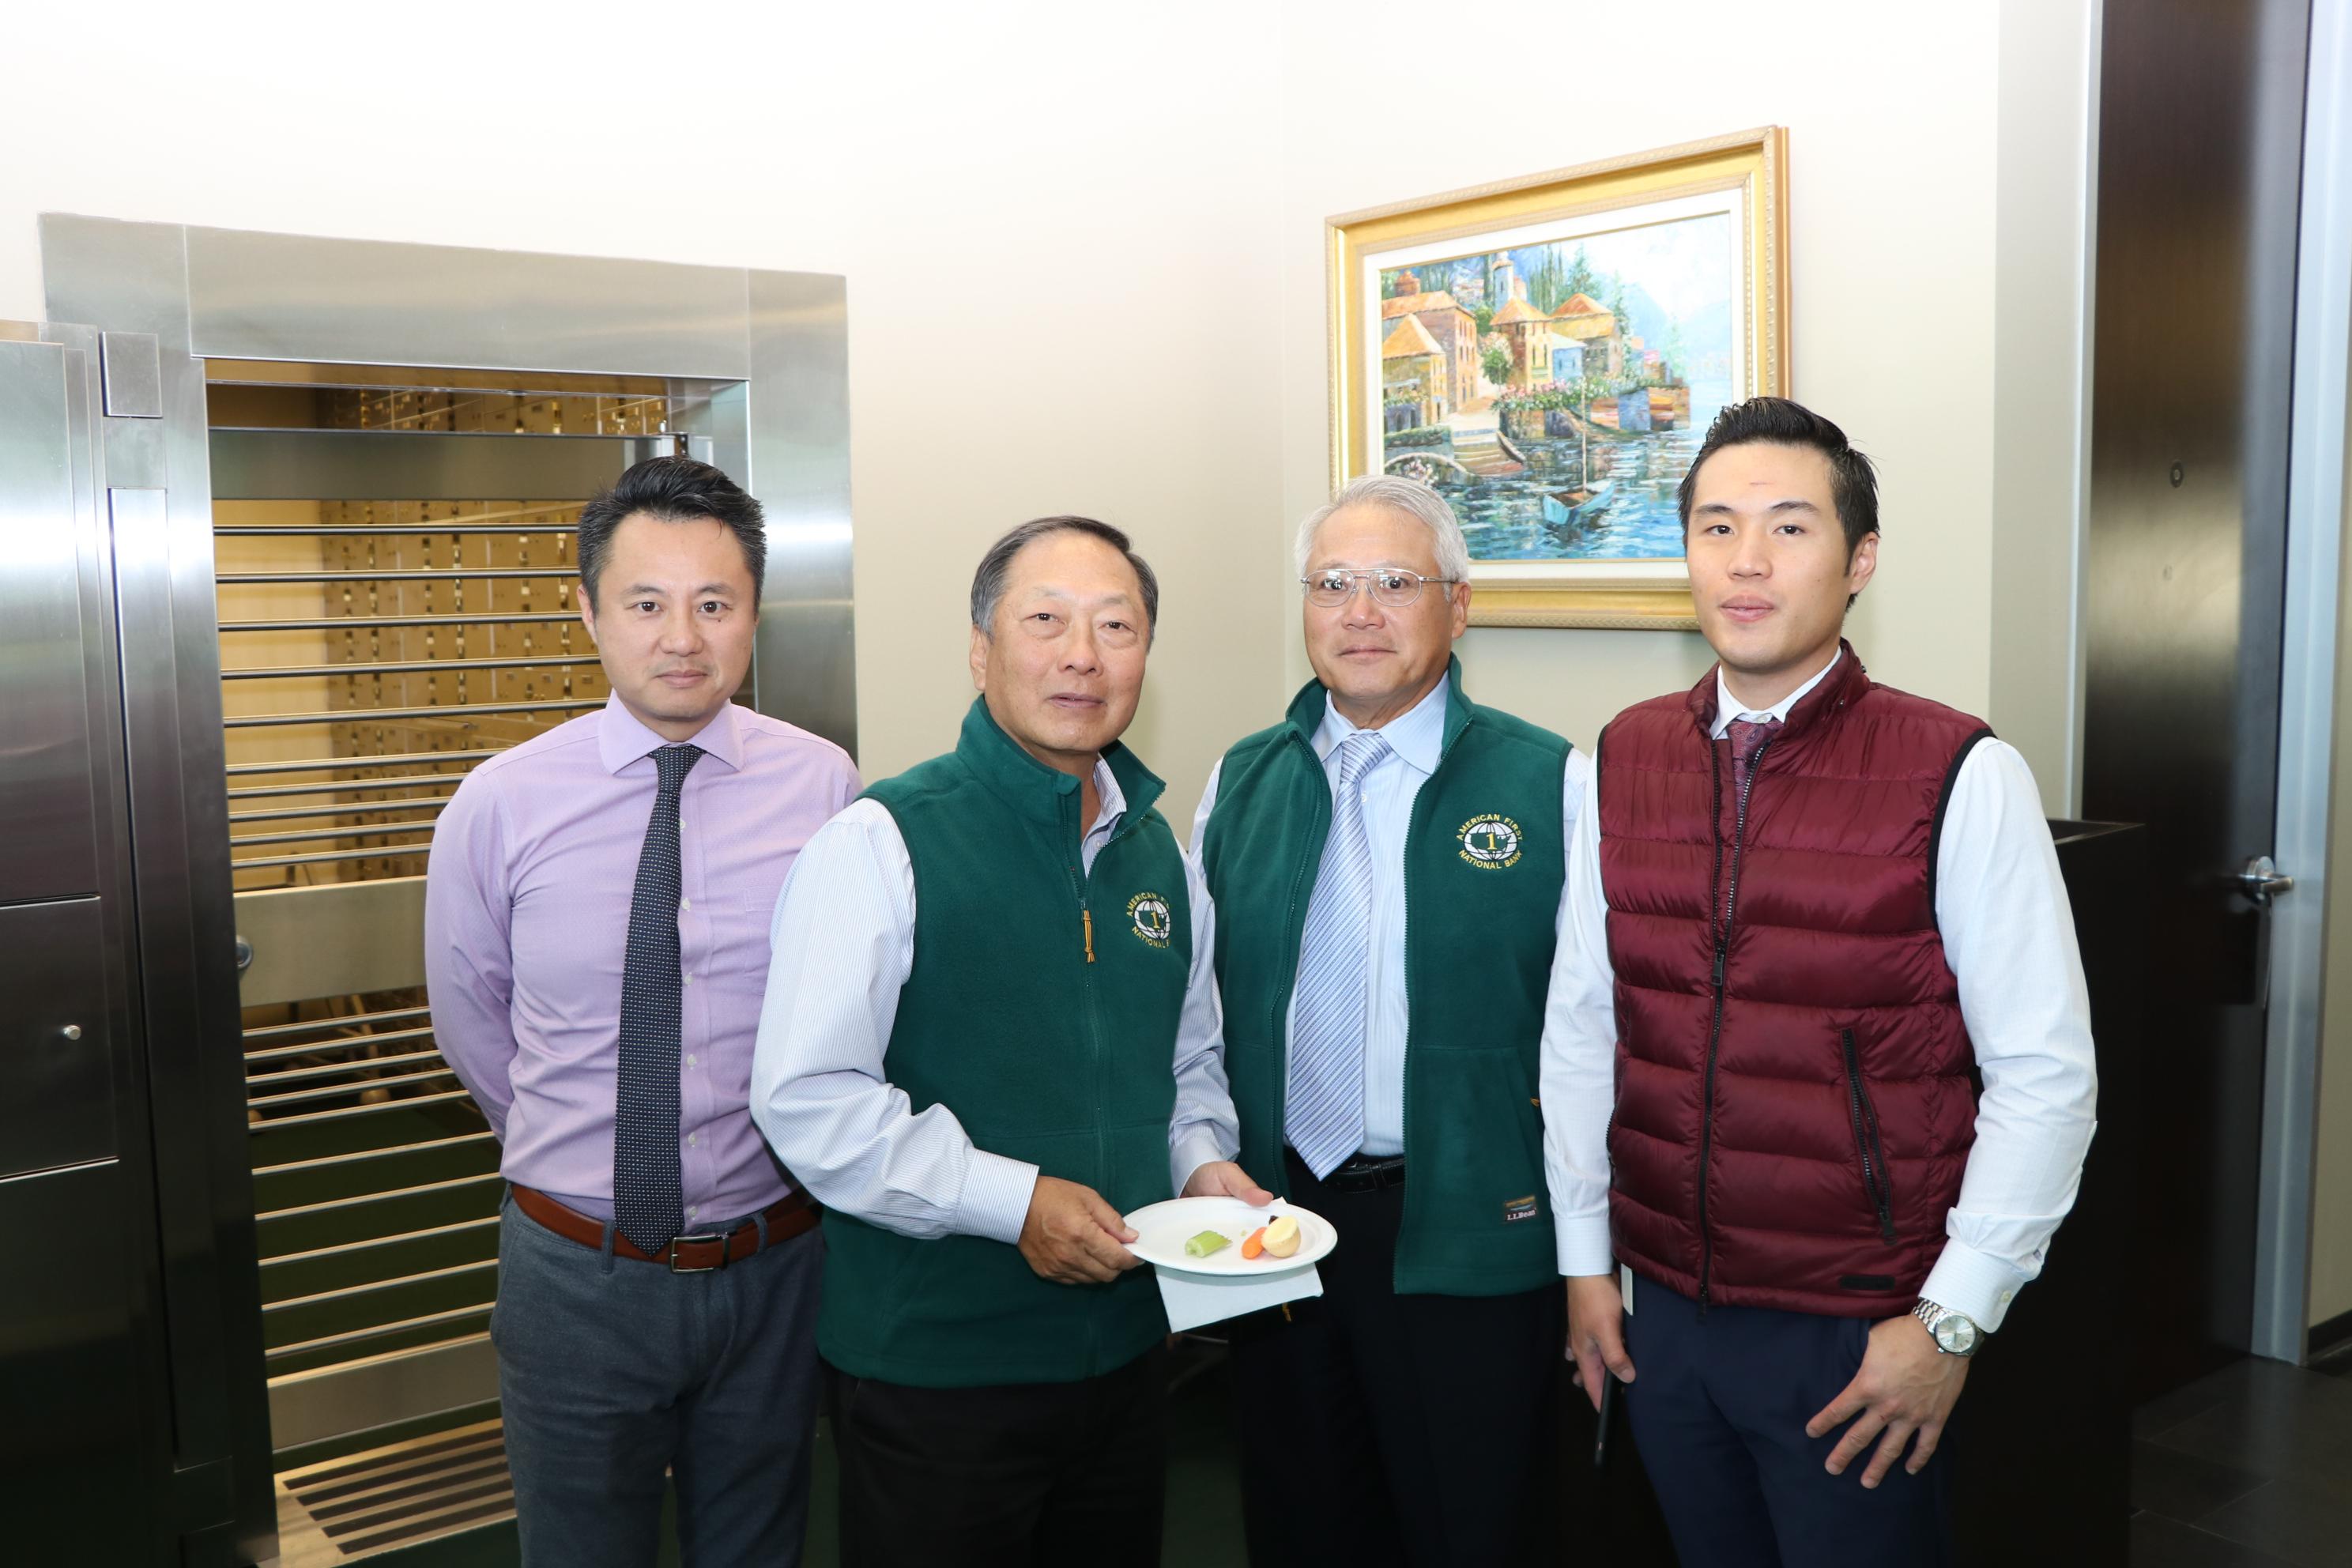 恆豐銀行董事孫定藩(右二)、吳國寶(左二)與員工在糖城分行的保險庫前合影。